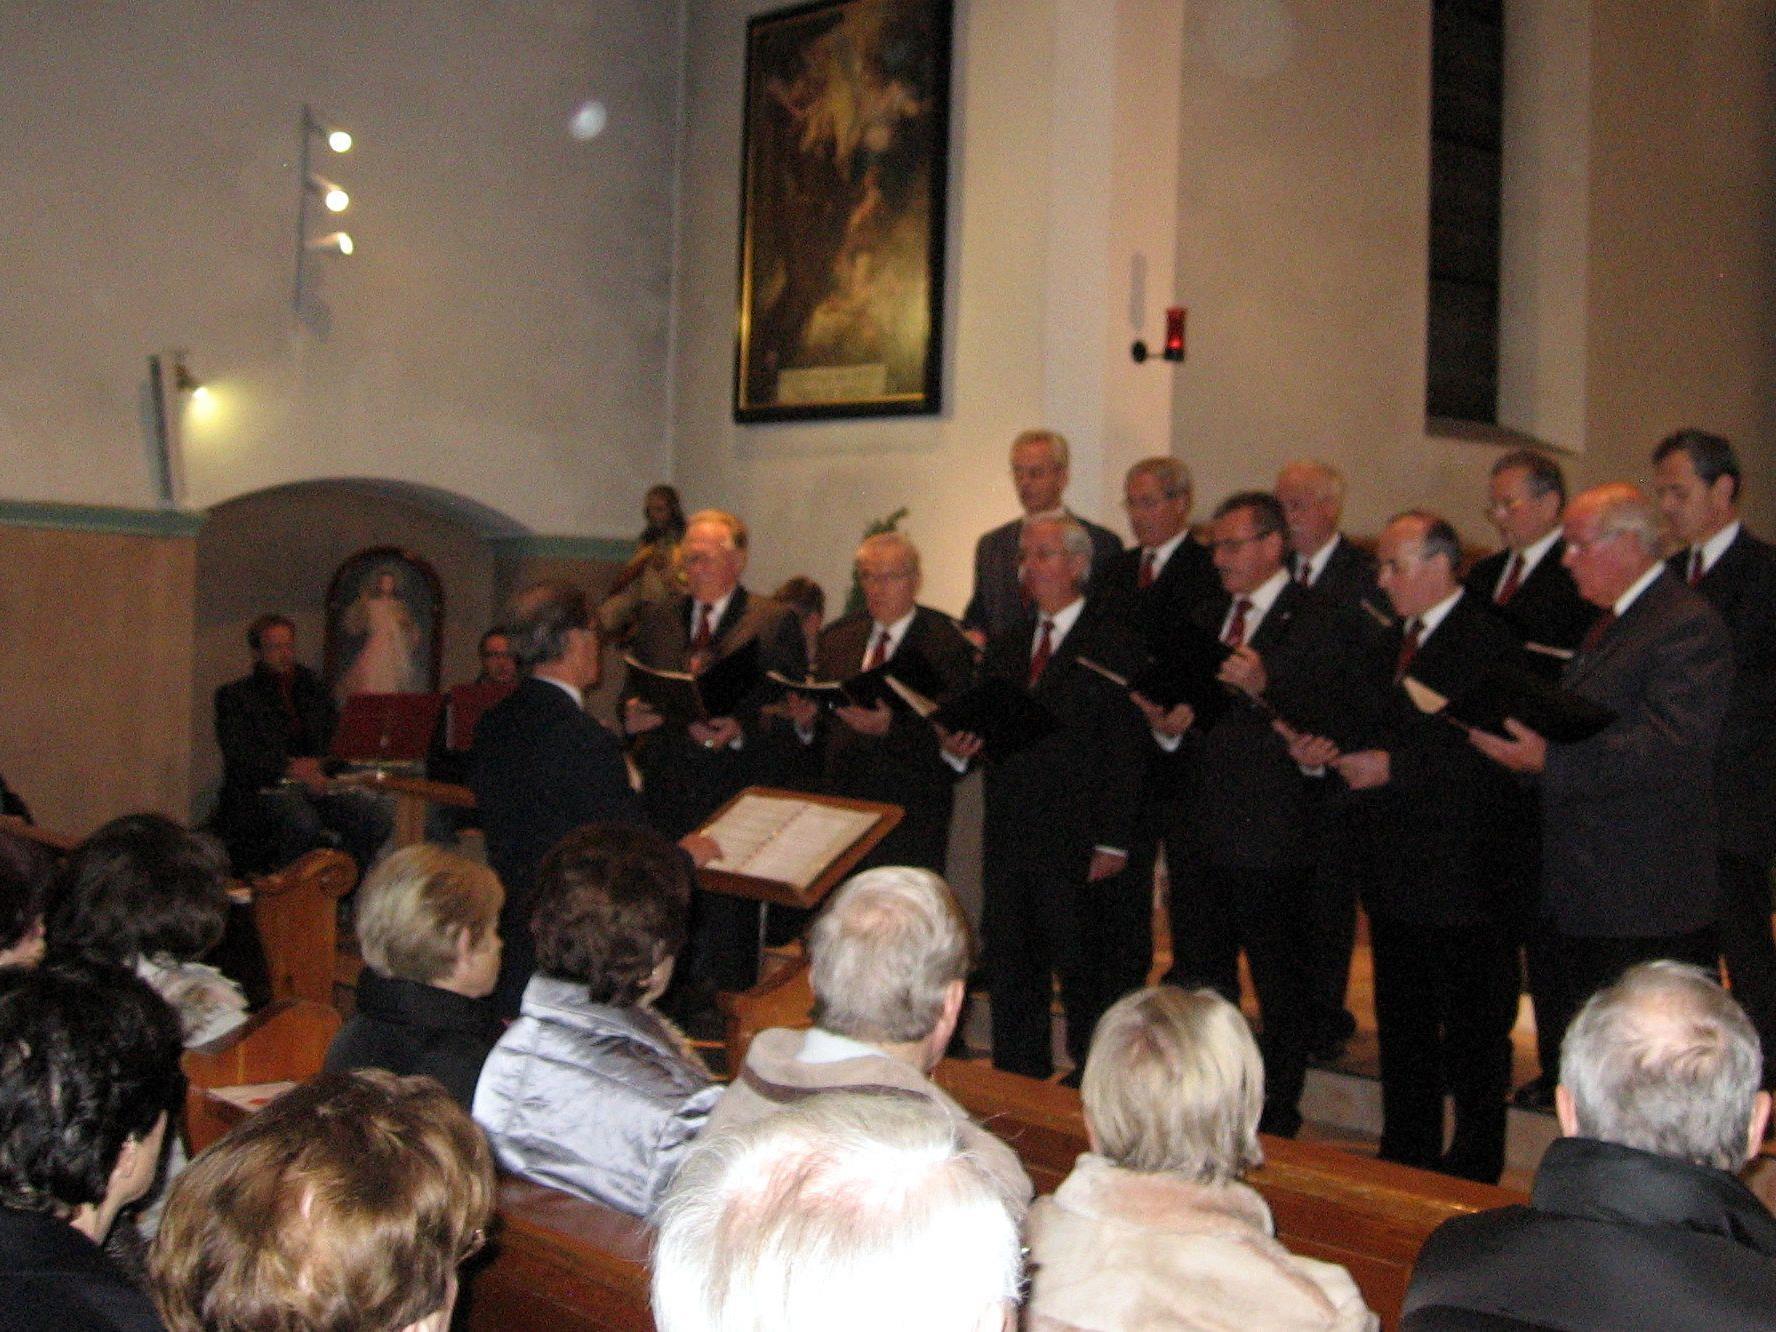 Franziskanerchor bei der Adventbesinnung 2009